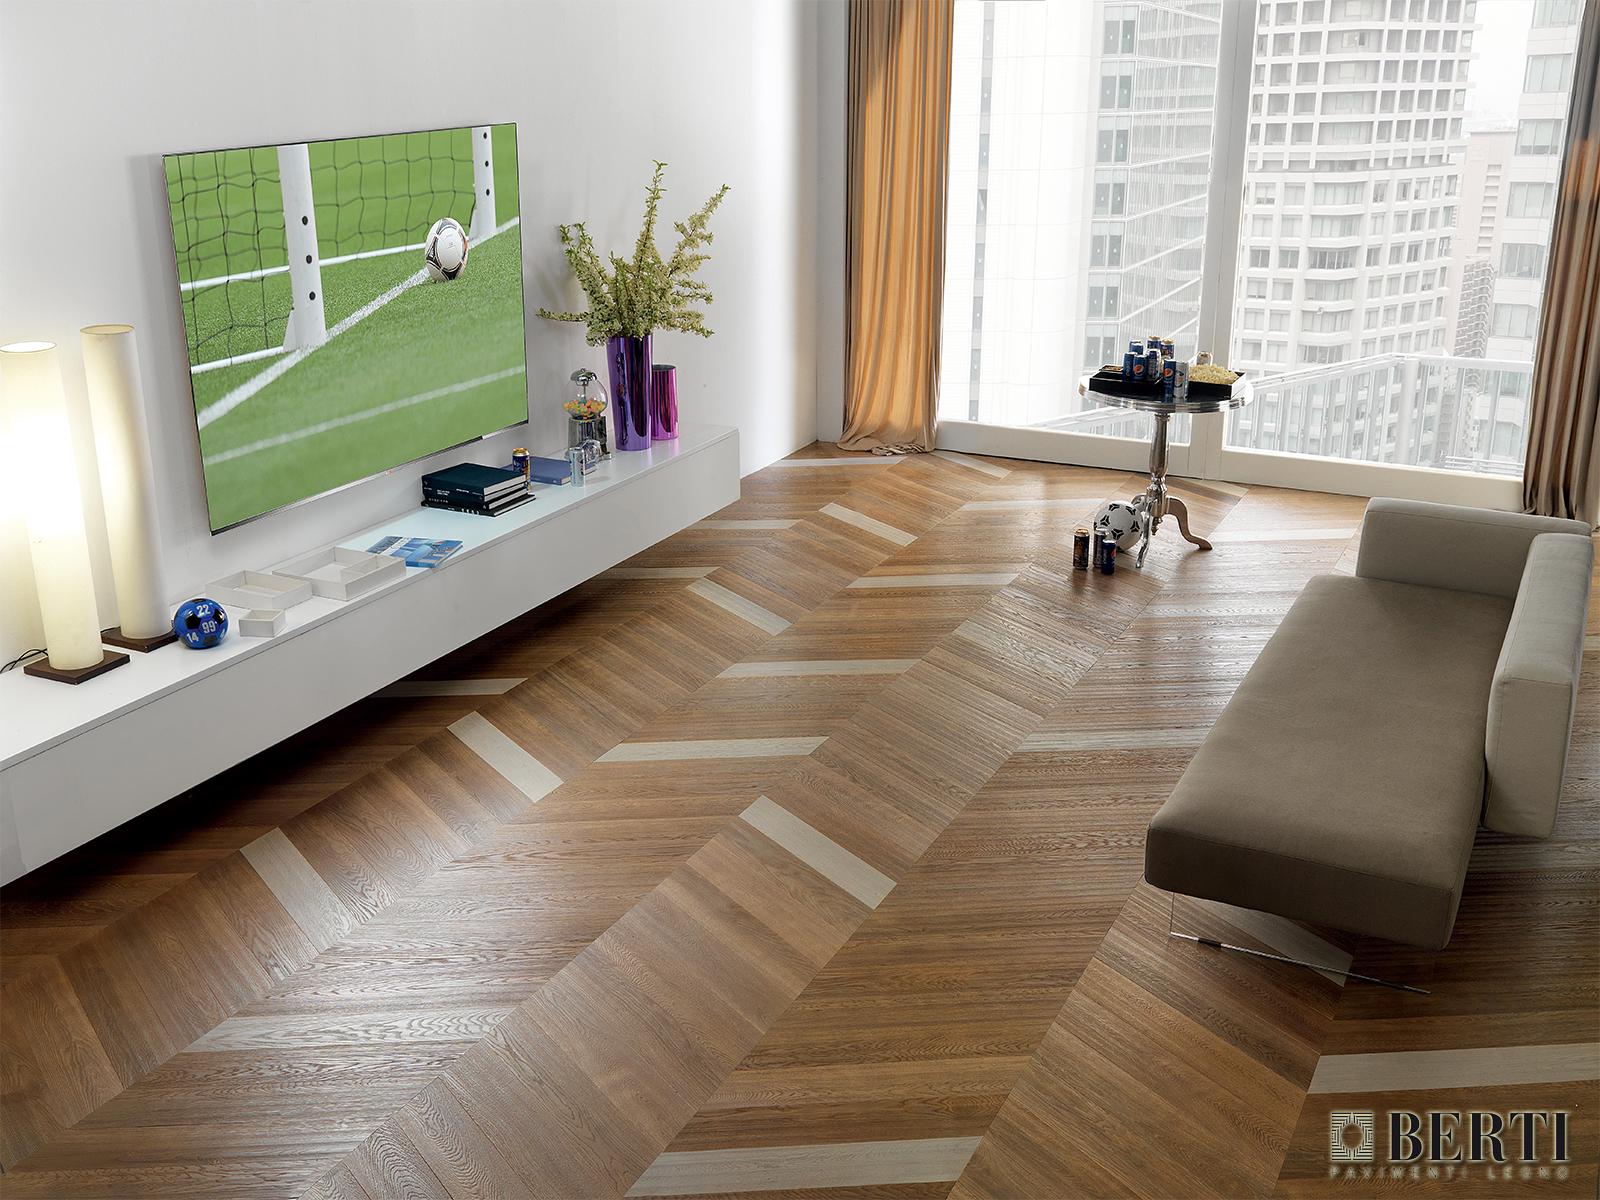 Berti pavimenti in legno spina